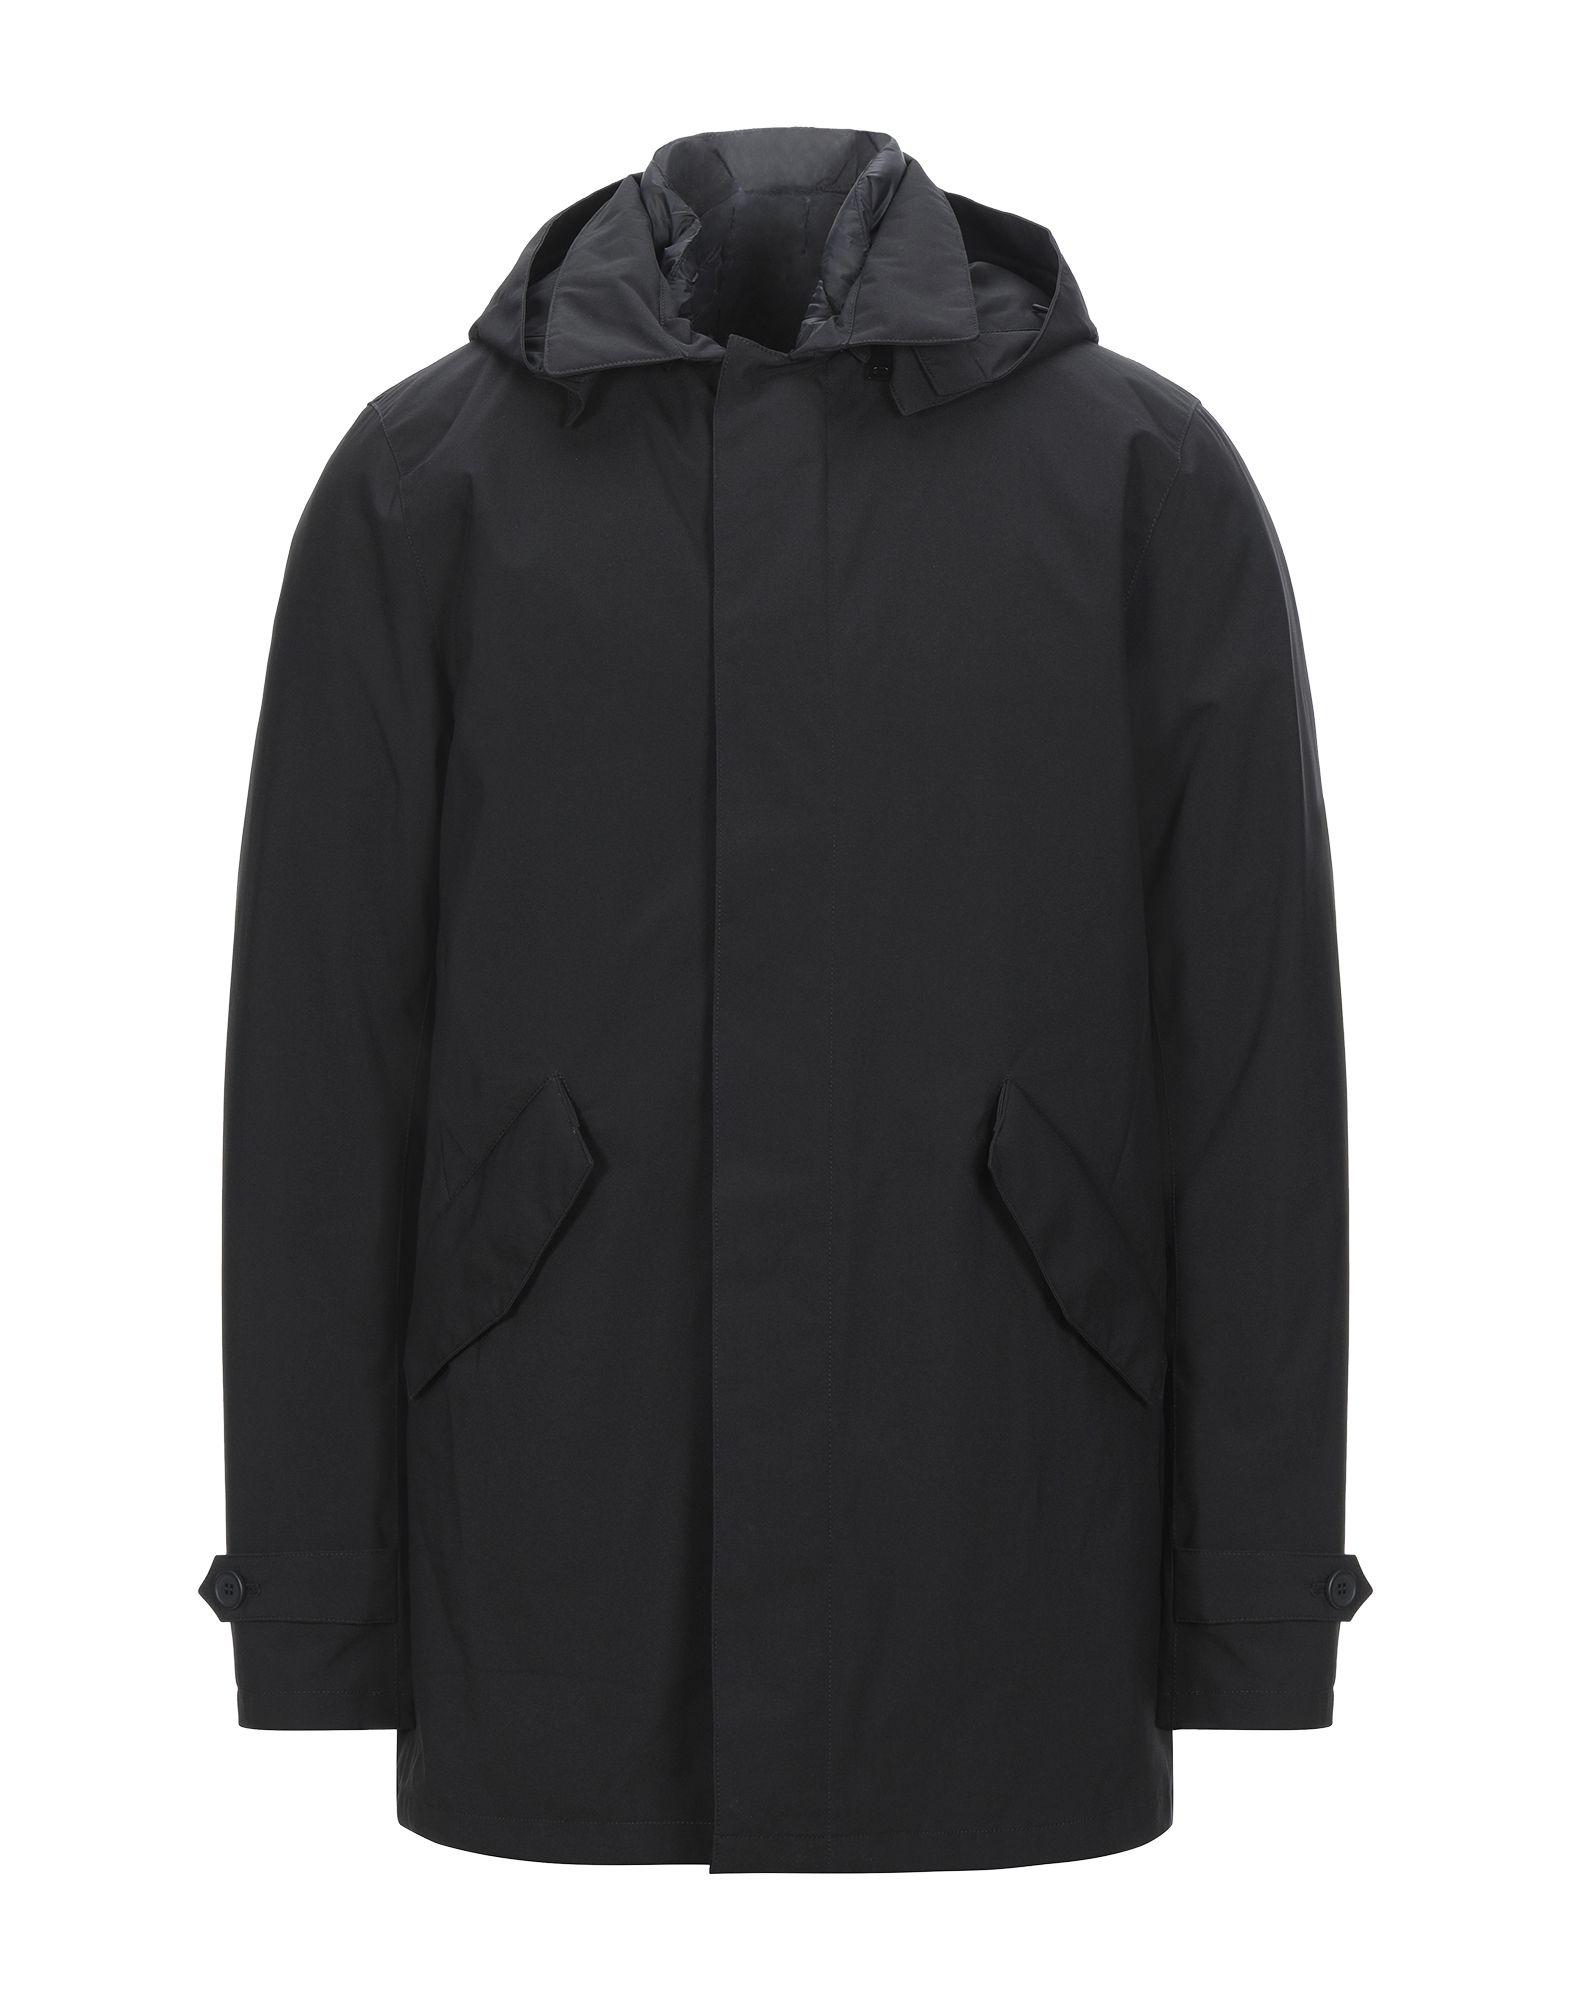 YOOX.COM(ユークス)《セール開催中》ERIC HATTON メンズ 合成繊維中綿アウター ブラック 46 ポリエステル 100%